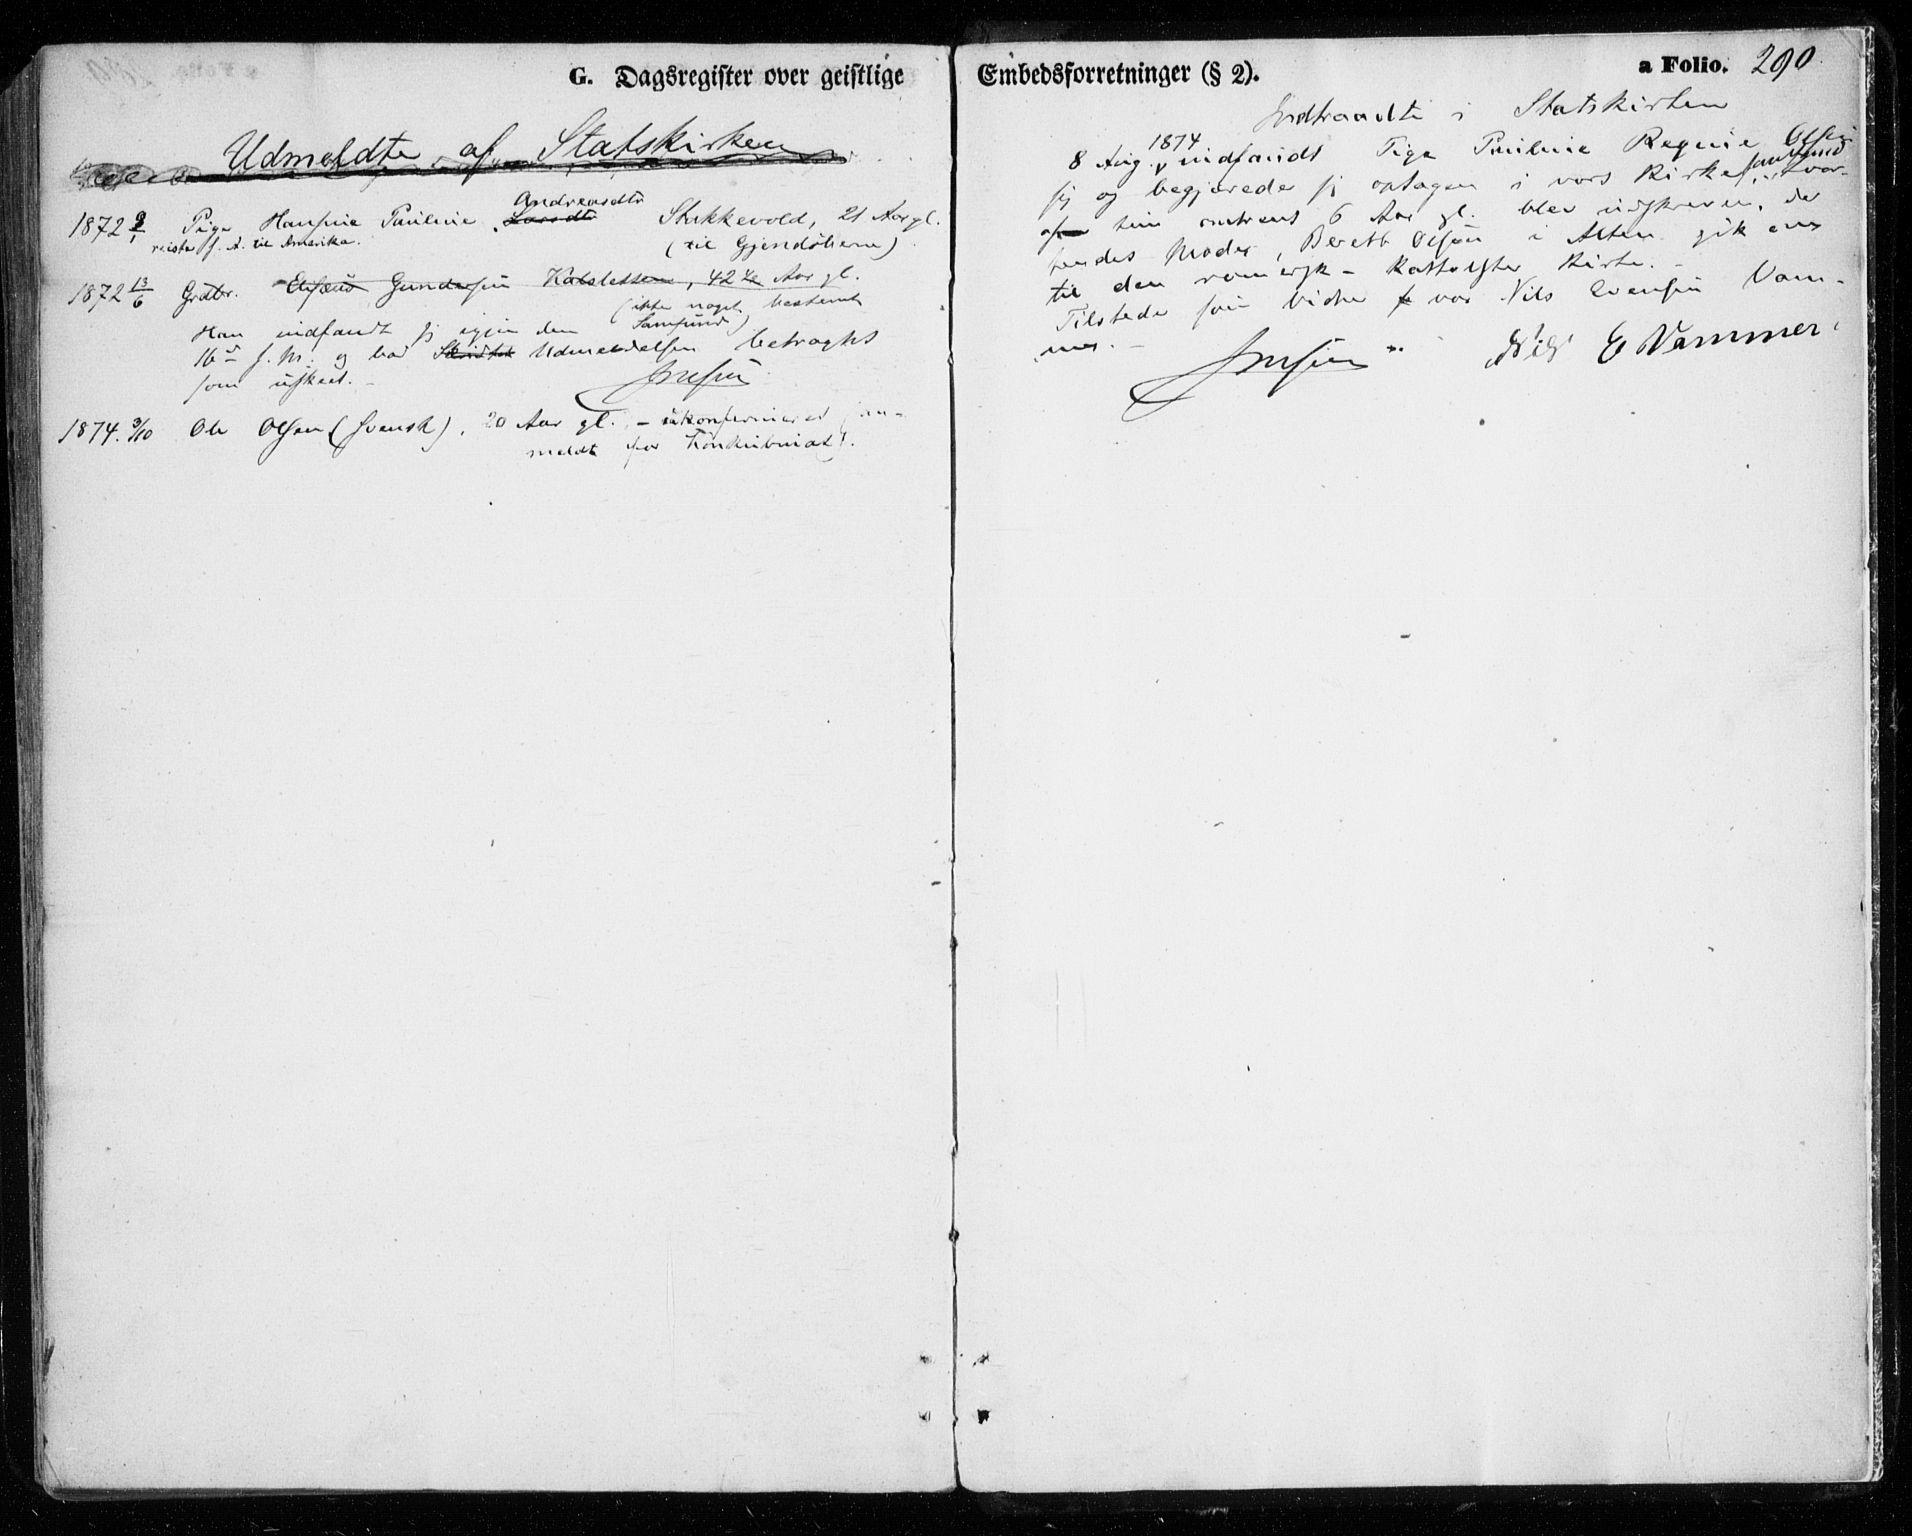 SATØ, Tromsøysund sokneprestkontor, G/Ga/L0002kirke: Ministerialbok nr. 2, 1867-1875, s. 290